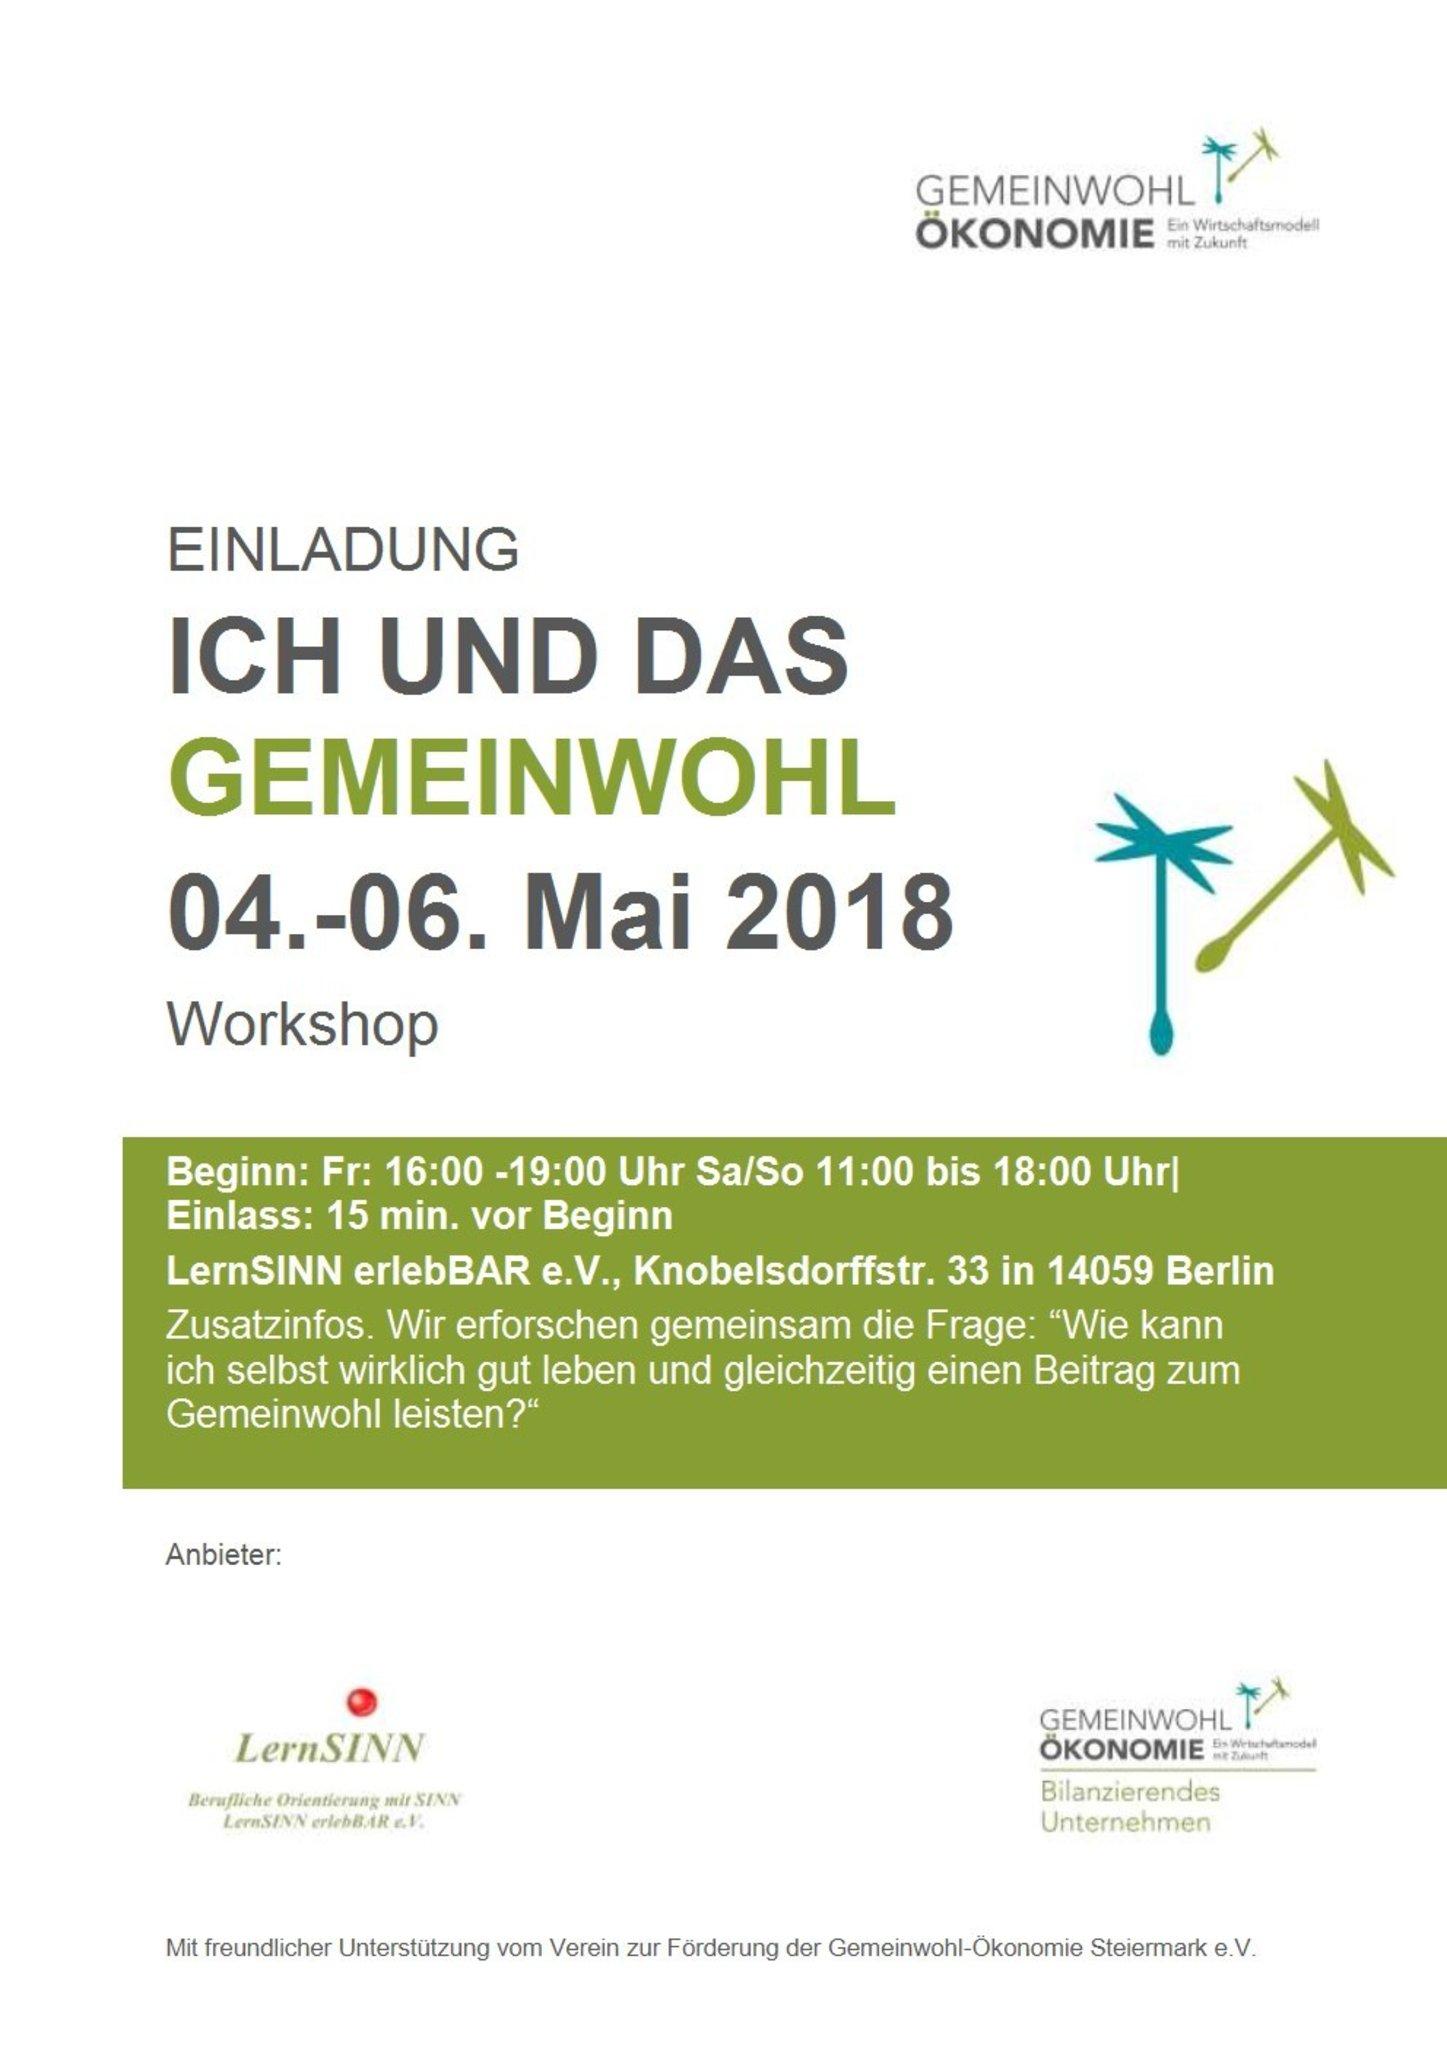 Workshop Ich und das Gemeinwohl